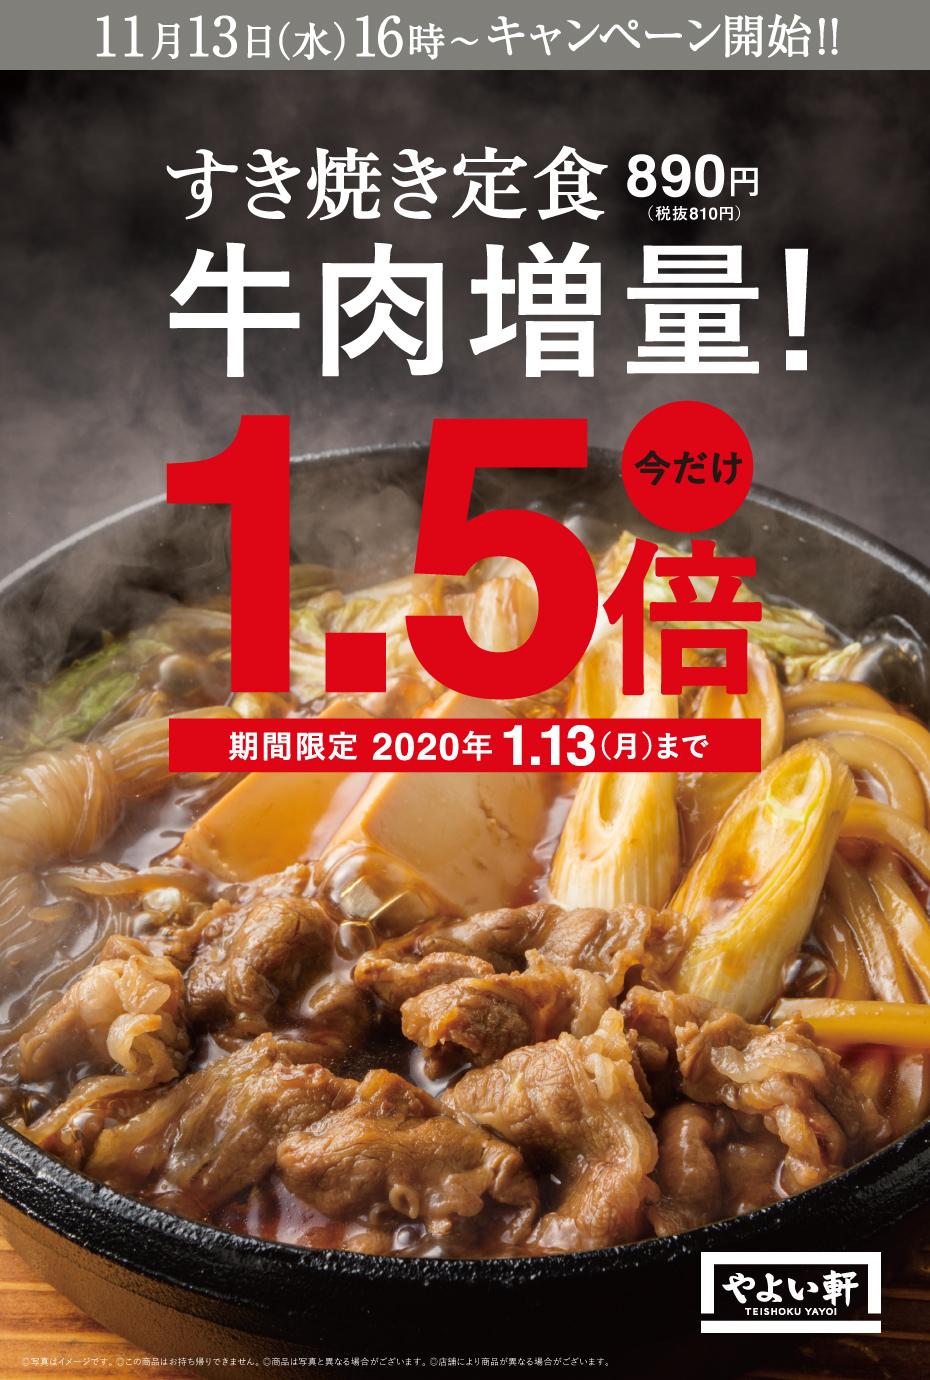 やよい軒ですきやき定食で牛肉1.5倍。定価890円。11/13 16時~。各社コストカットでうどんを入れるのは止めて欲しい。